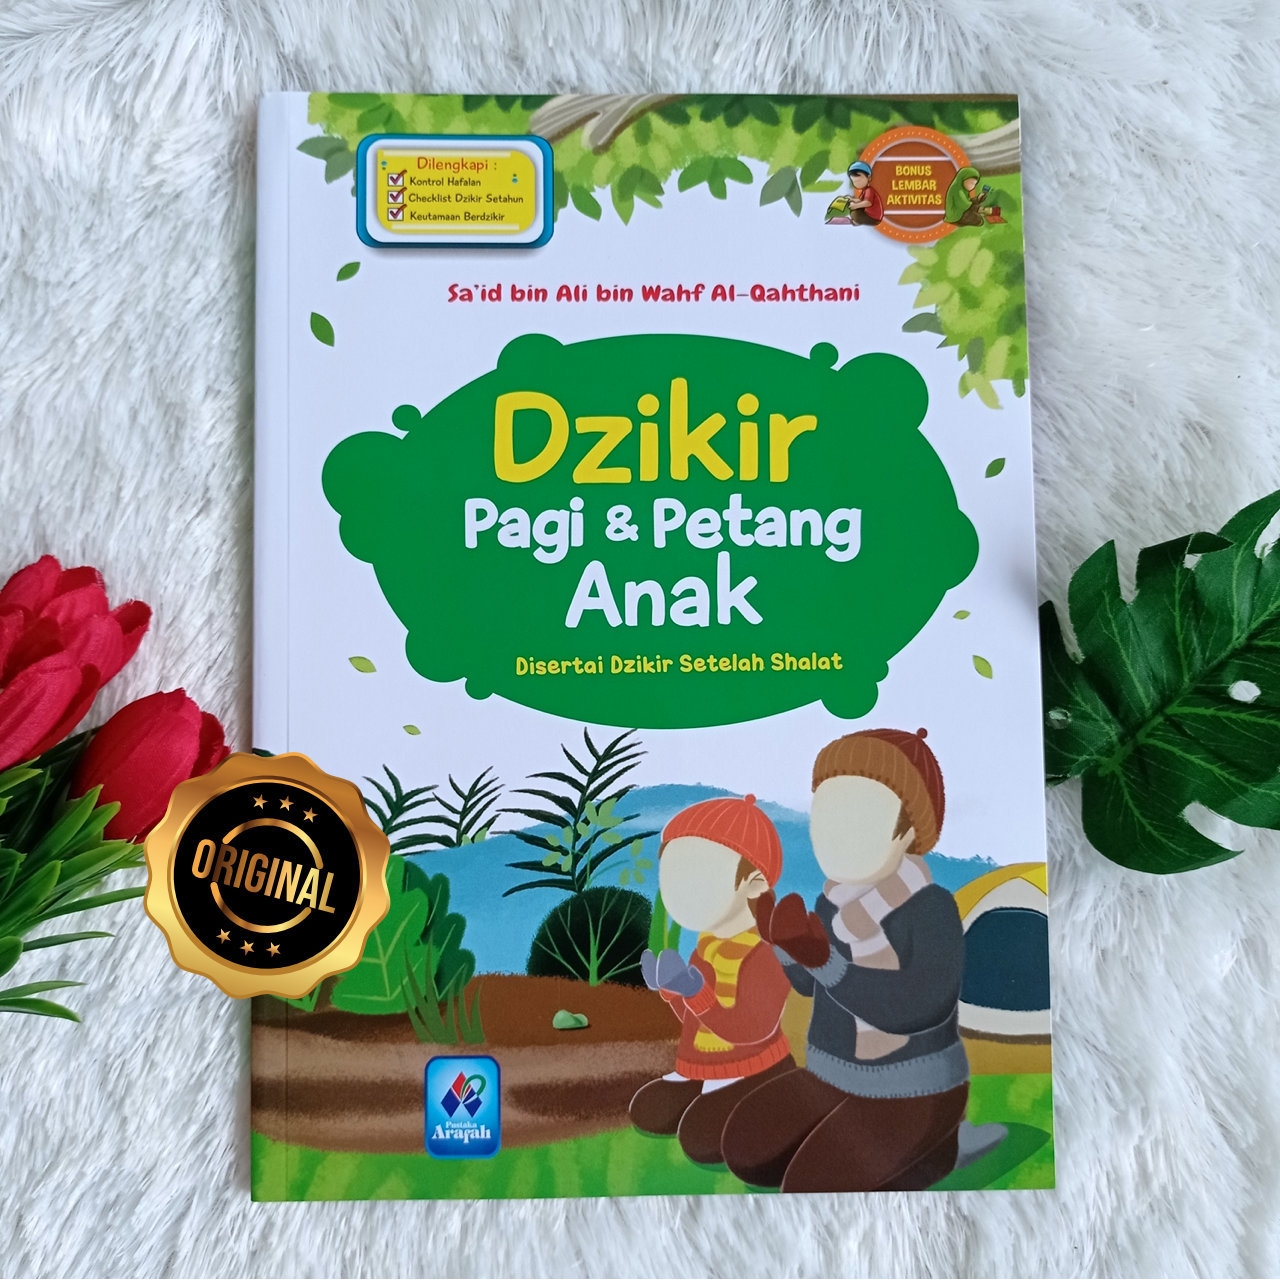 Buku Anak Dzikir Pagi Dan Petang Disertai Dzikir Setelah Shalat